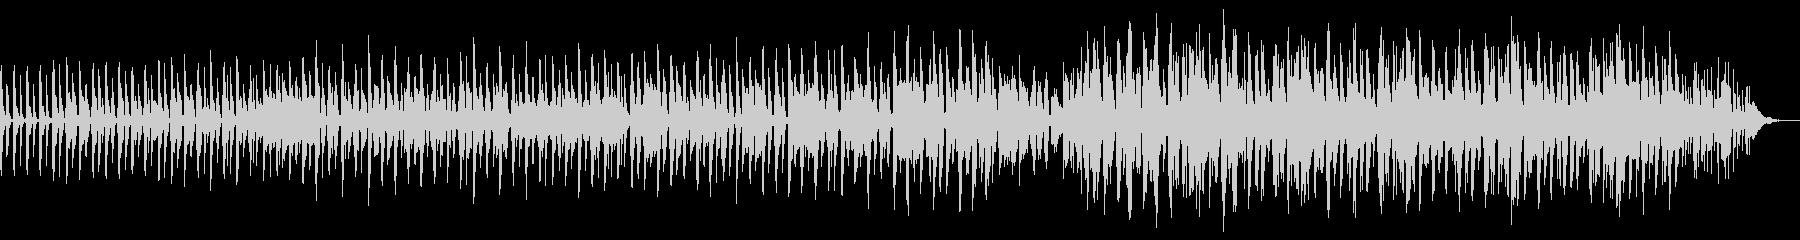 ファンク風エレクトリックベースチューンの未再生の波形